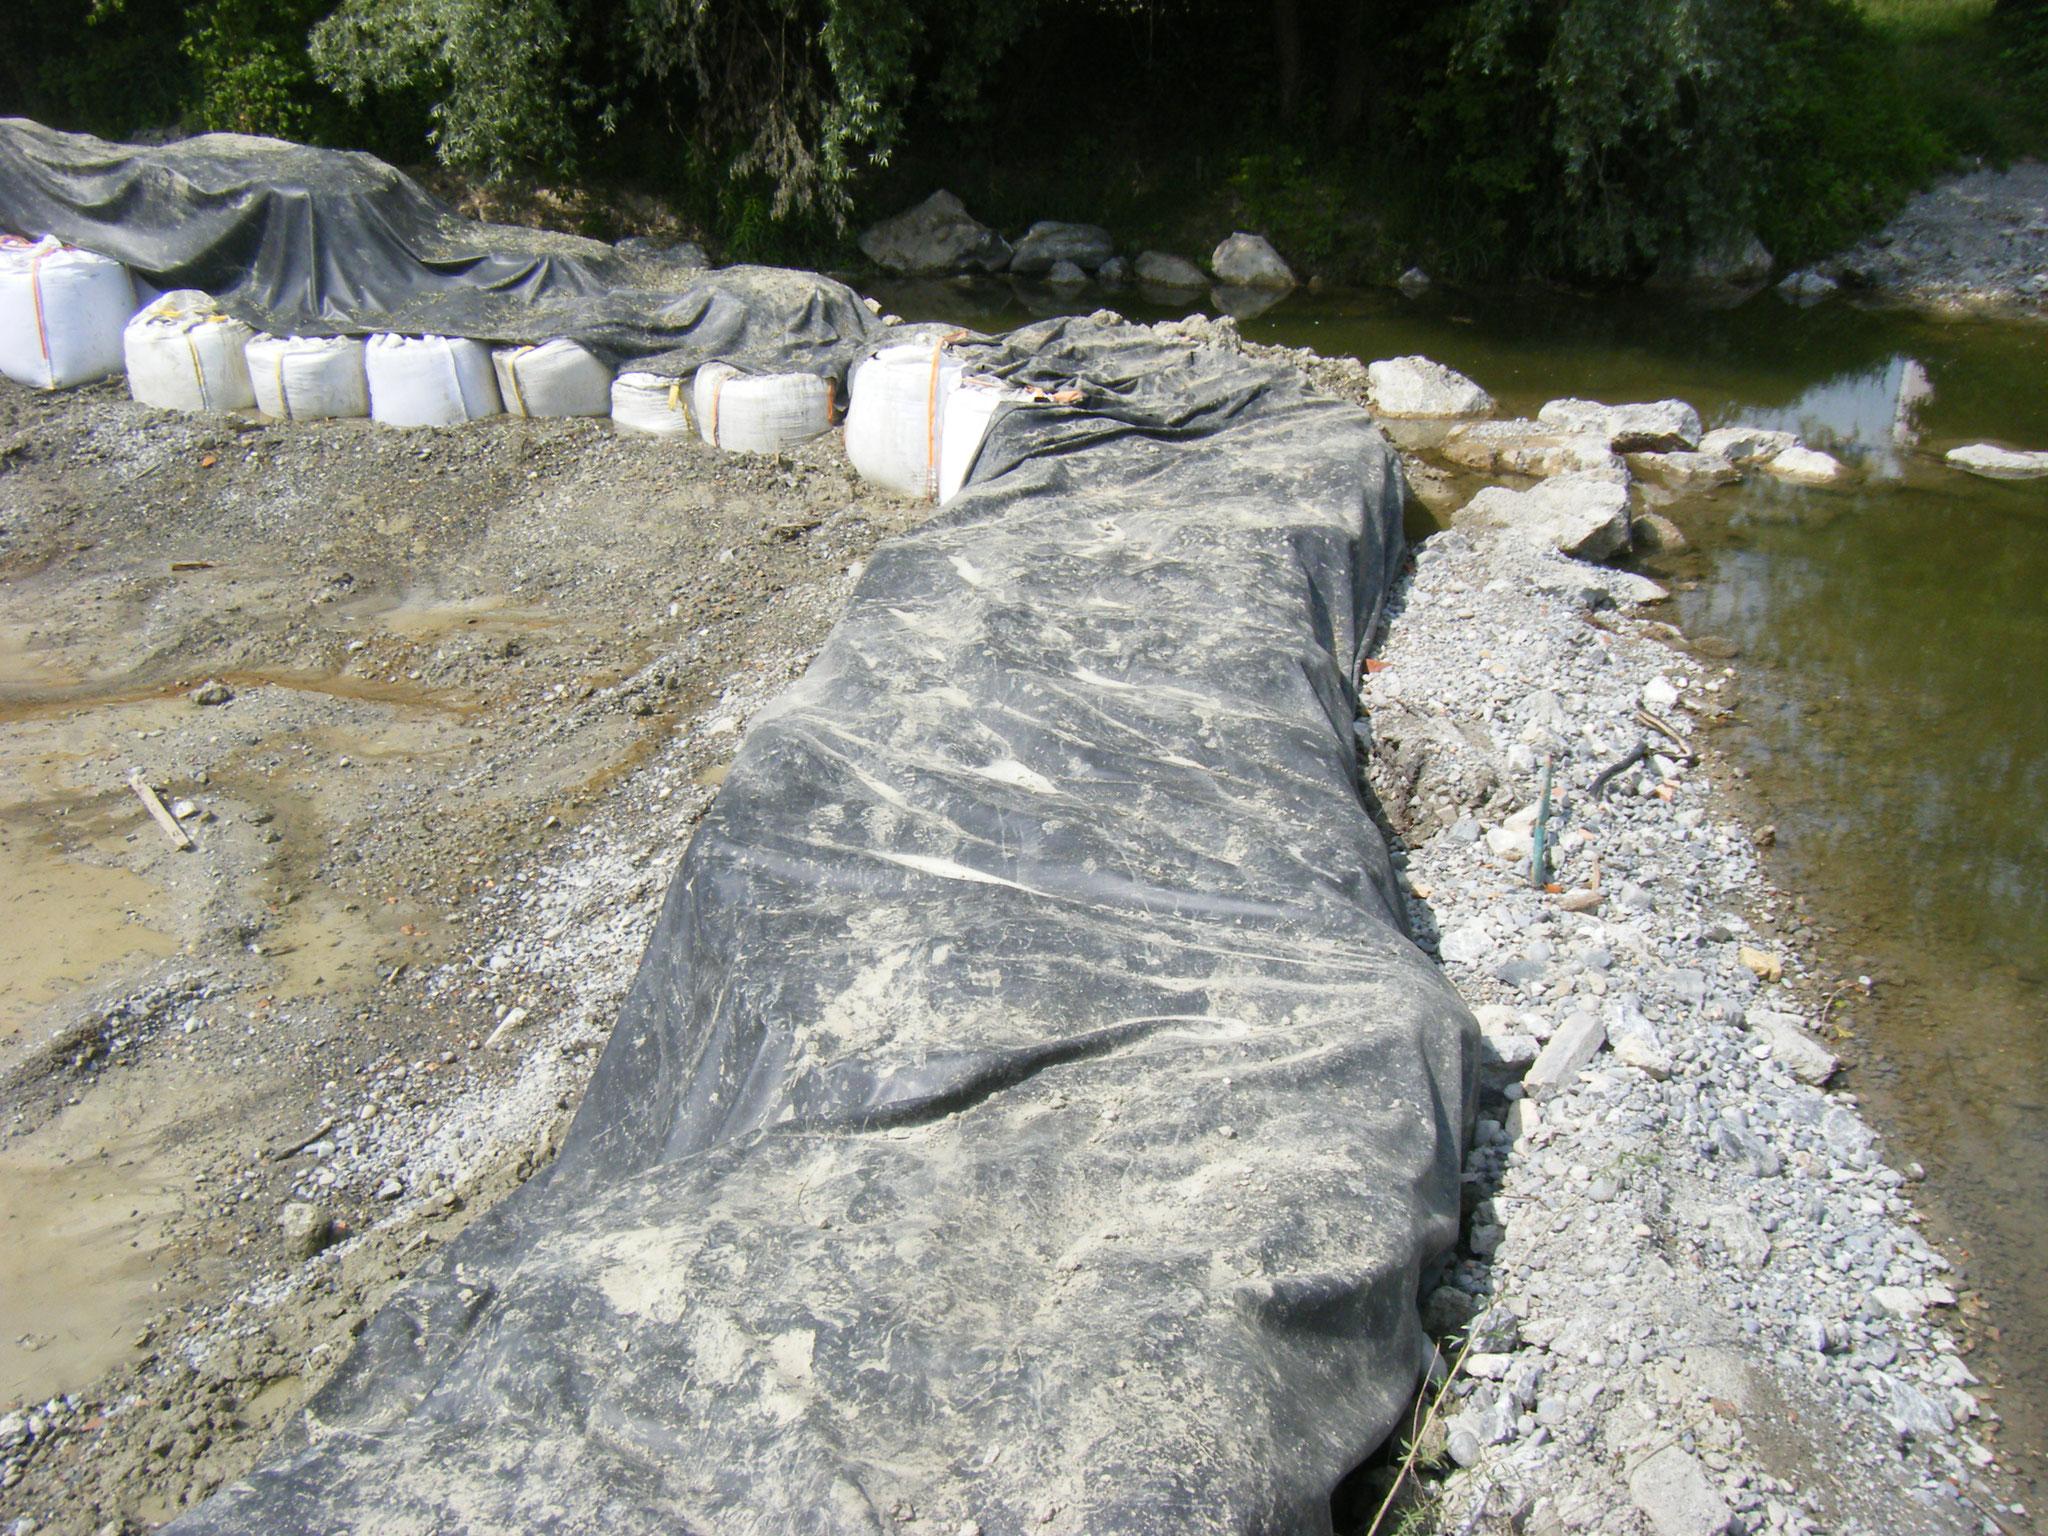 der Bereich vor dem Wehr ist mit einem breiten Damm abgesperrt